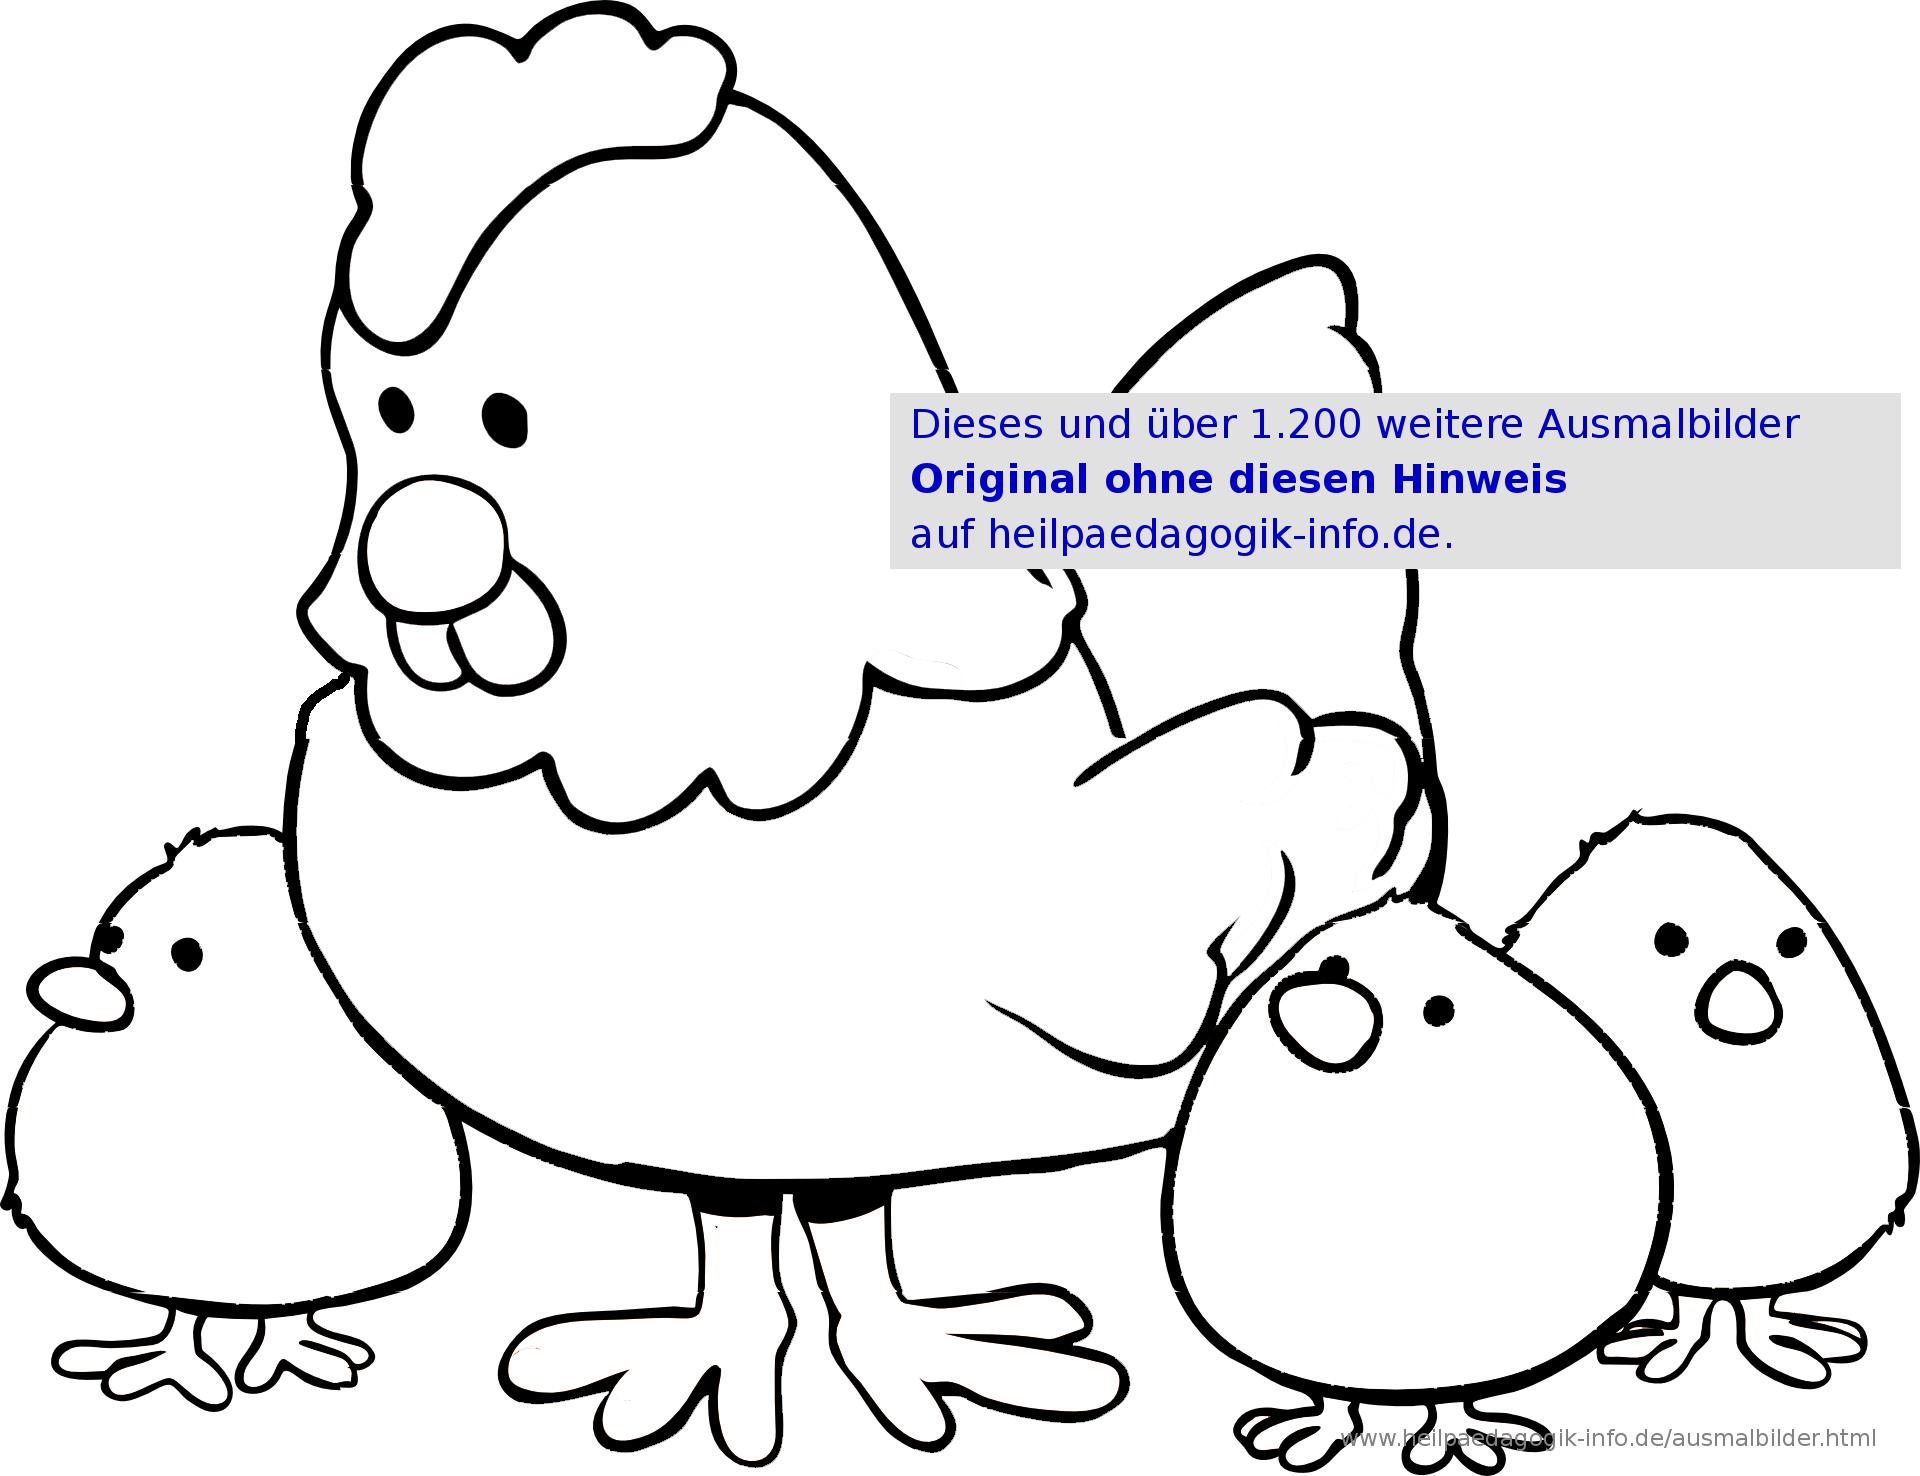 Ausmalbilder Vögel mit Hühner Ausmalbilder